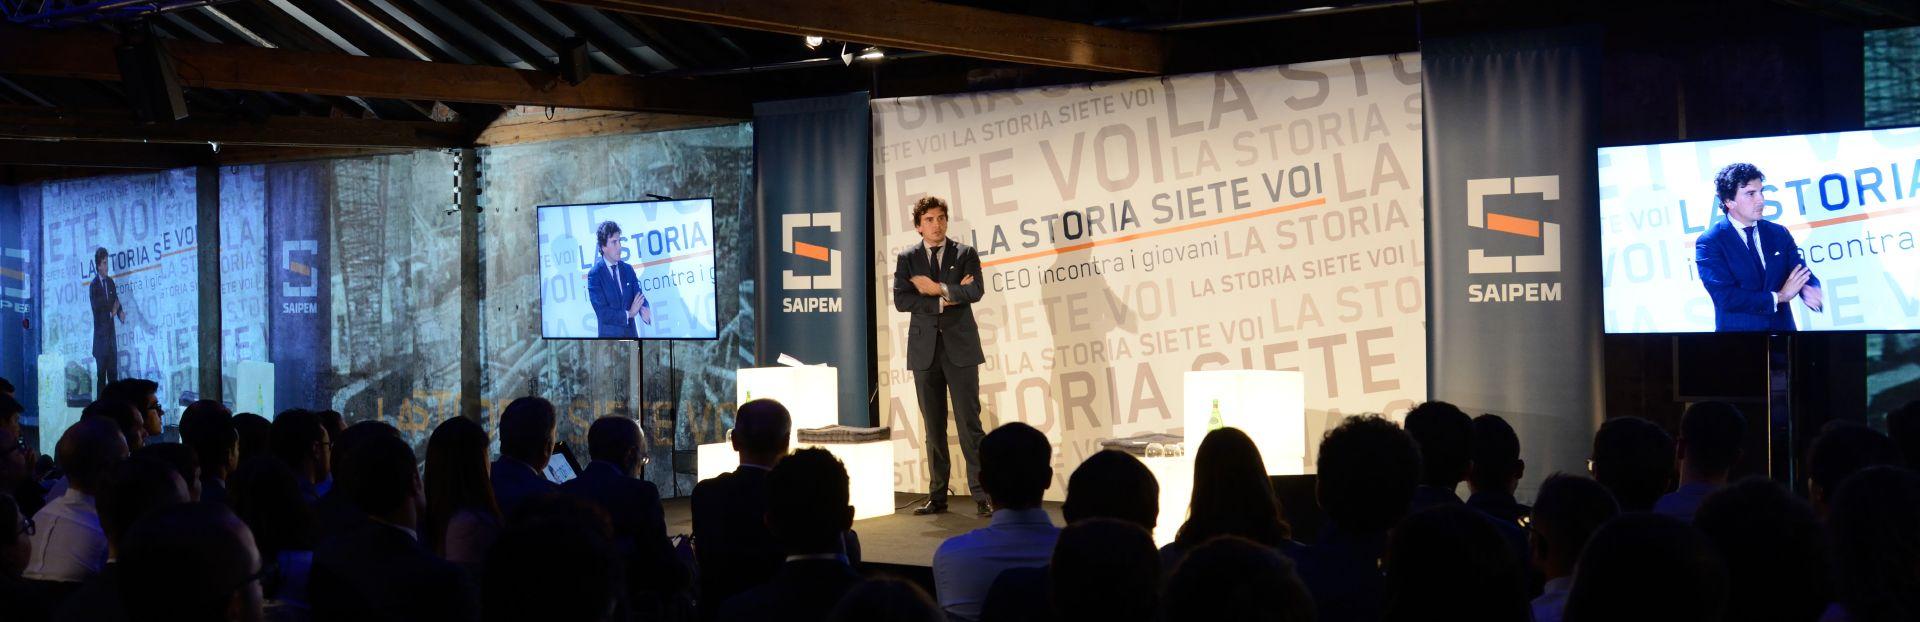 Evento Officine del Volo Milano 2016